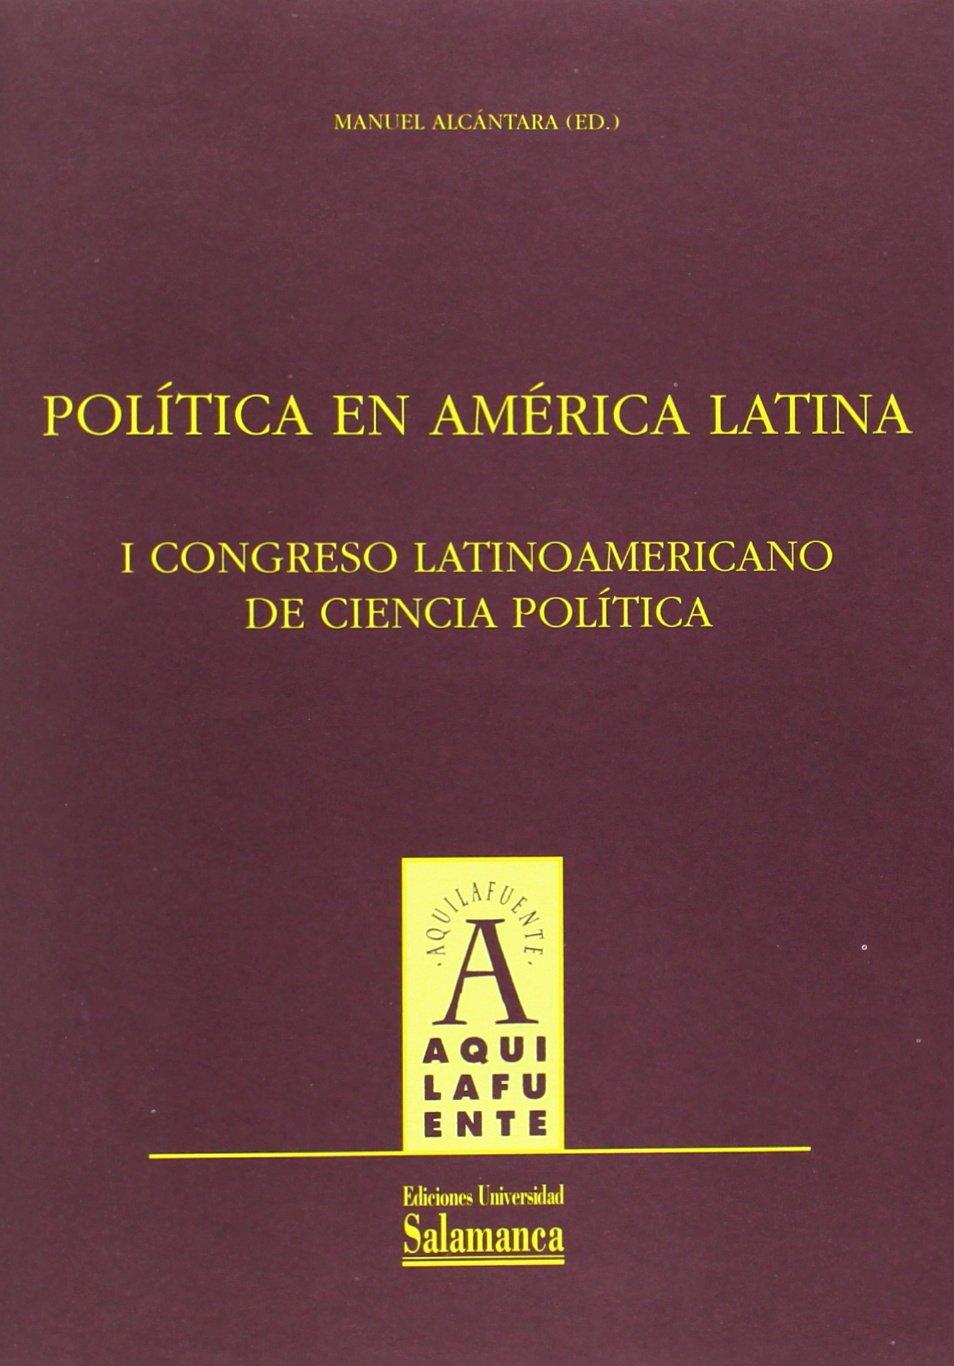 Politica en America Latina/ Politics in Latin America: I congreso latinoamericano de ciencia politica (Spanish Edition) pdf